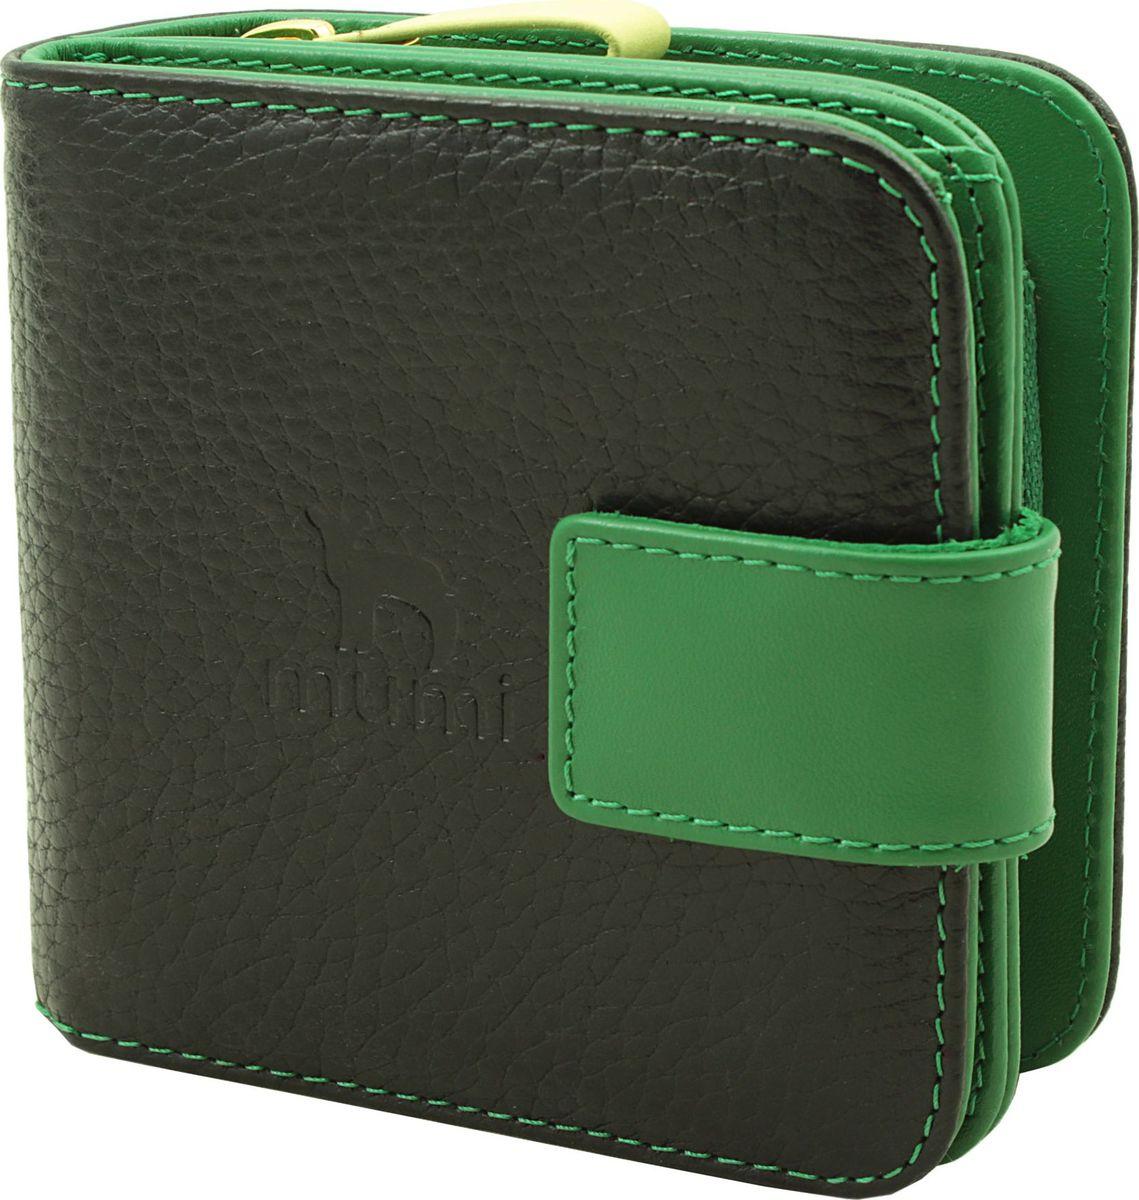 Кошелек Dimanche Mumi, цвет: черный, зеленый. 082082_черный, зеленыйКошелек выполнен из комбинации разноцветных кож с оригинальным украшением. Состоит из двух отделений. В первом, закрывающемся на хлястик с кнопкой, имеется 2 отделения для купюр и восемь кармашнов для кредитных/визитных карт. Второе объемное отделение для мелочи закрывается на молнию, внутри имеется перегородка.